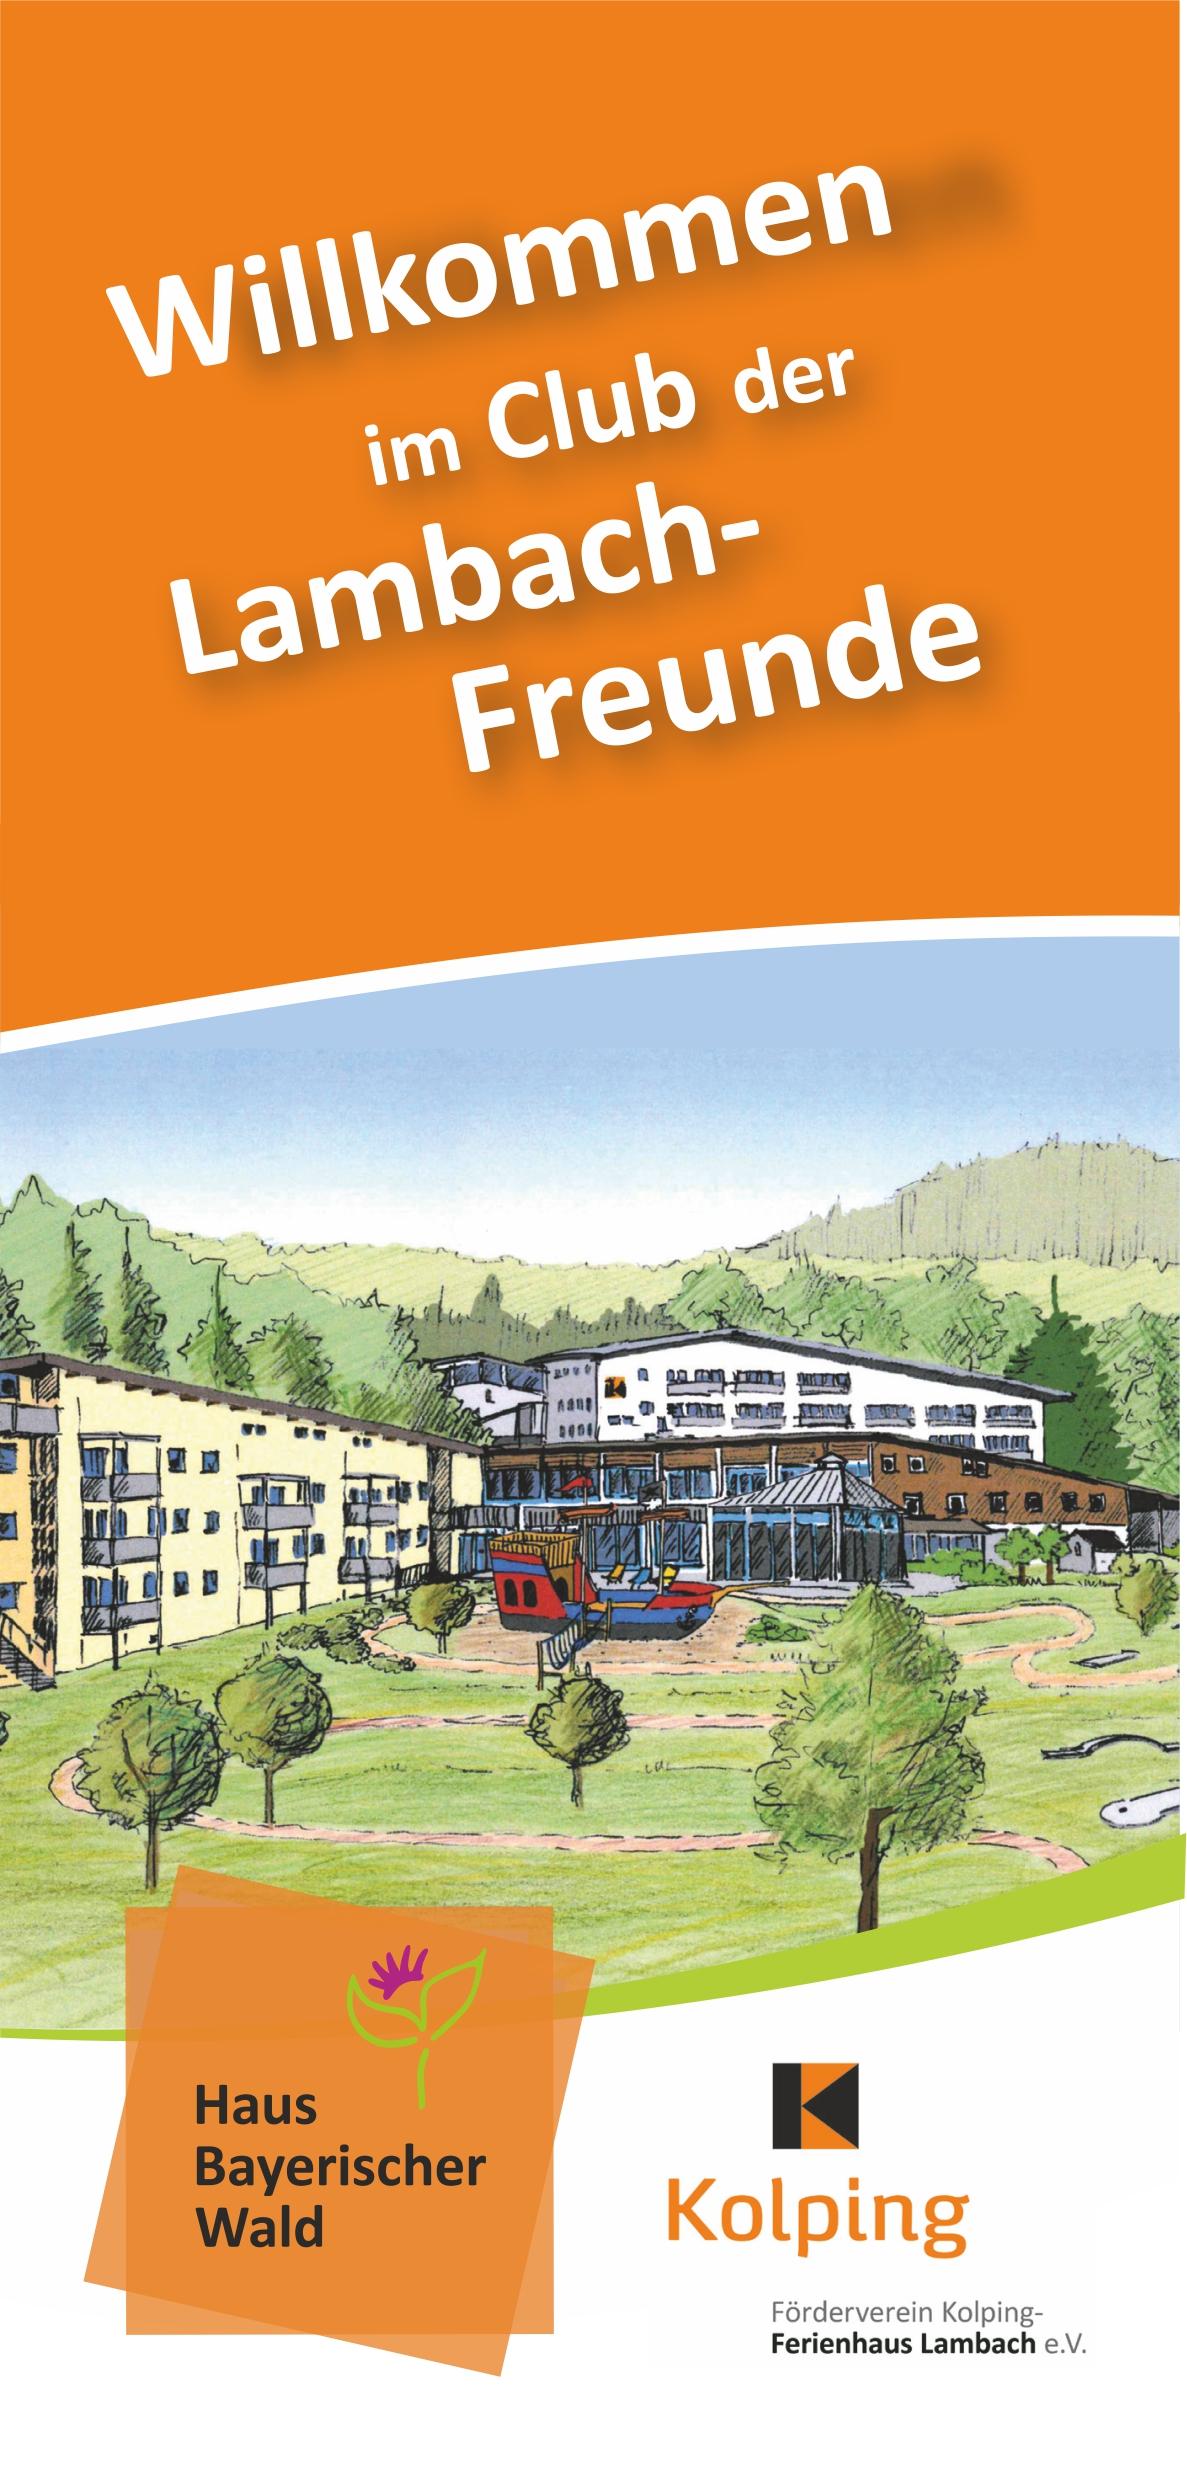 Haus Bayerischer Wald Förderverein